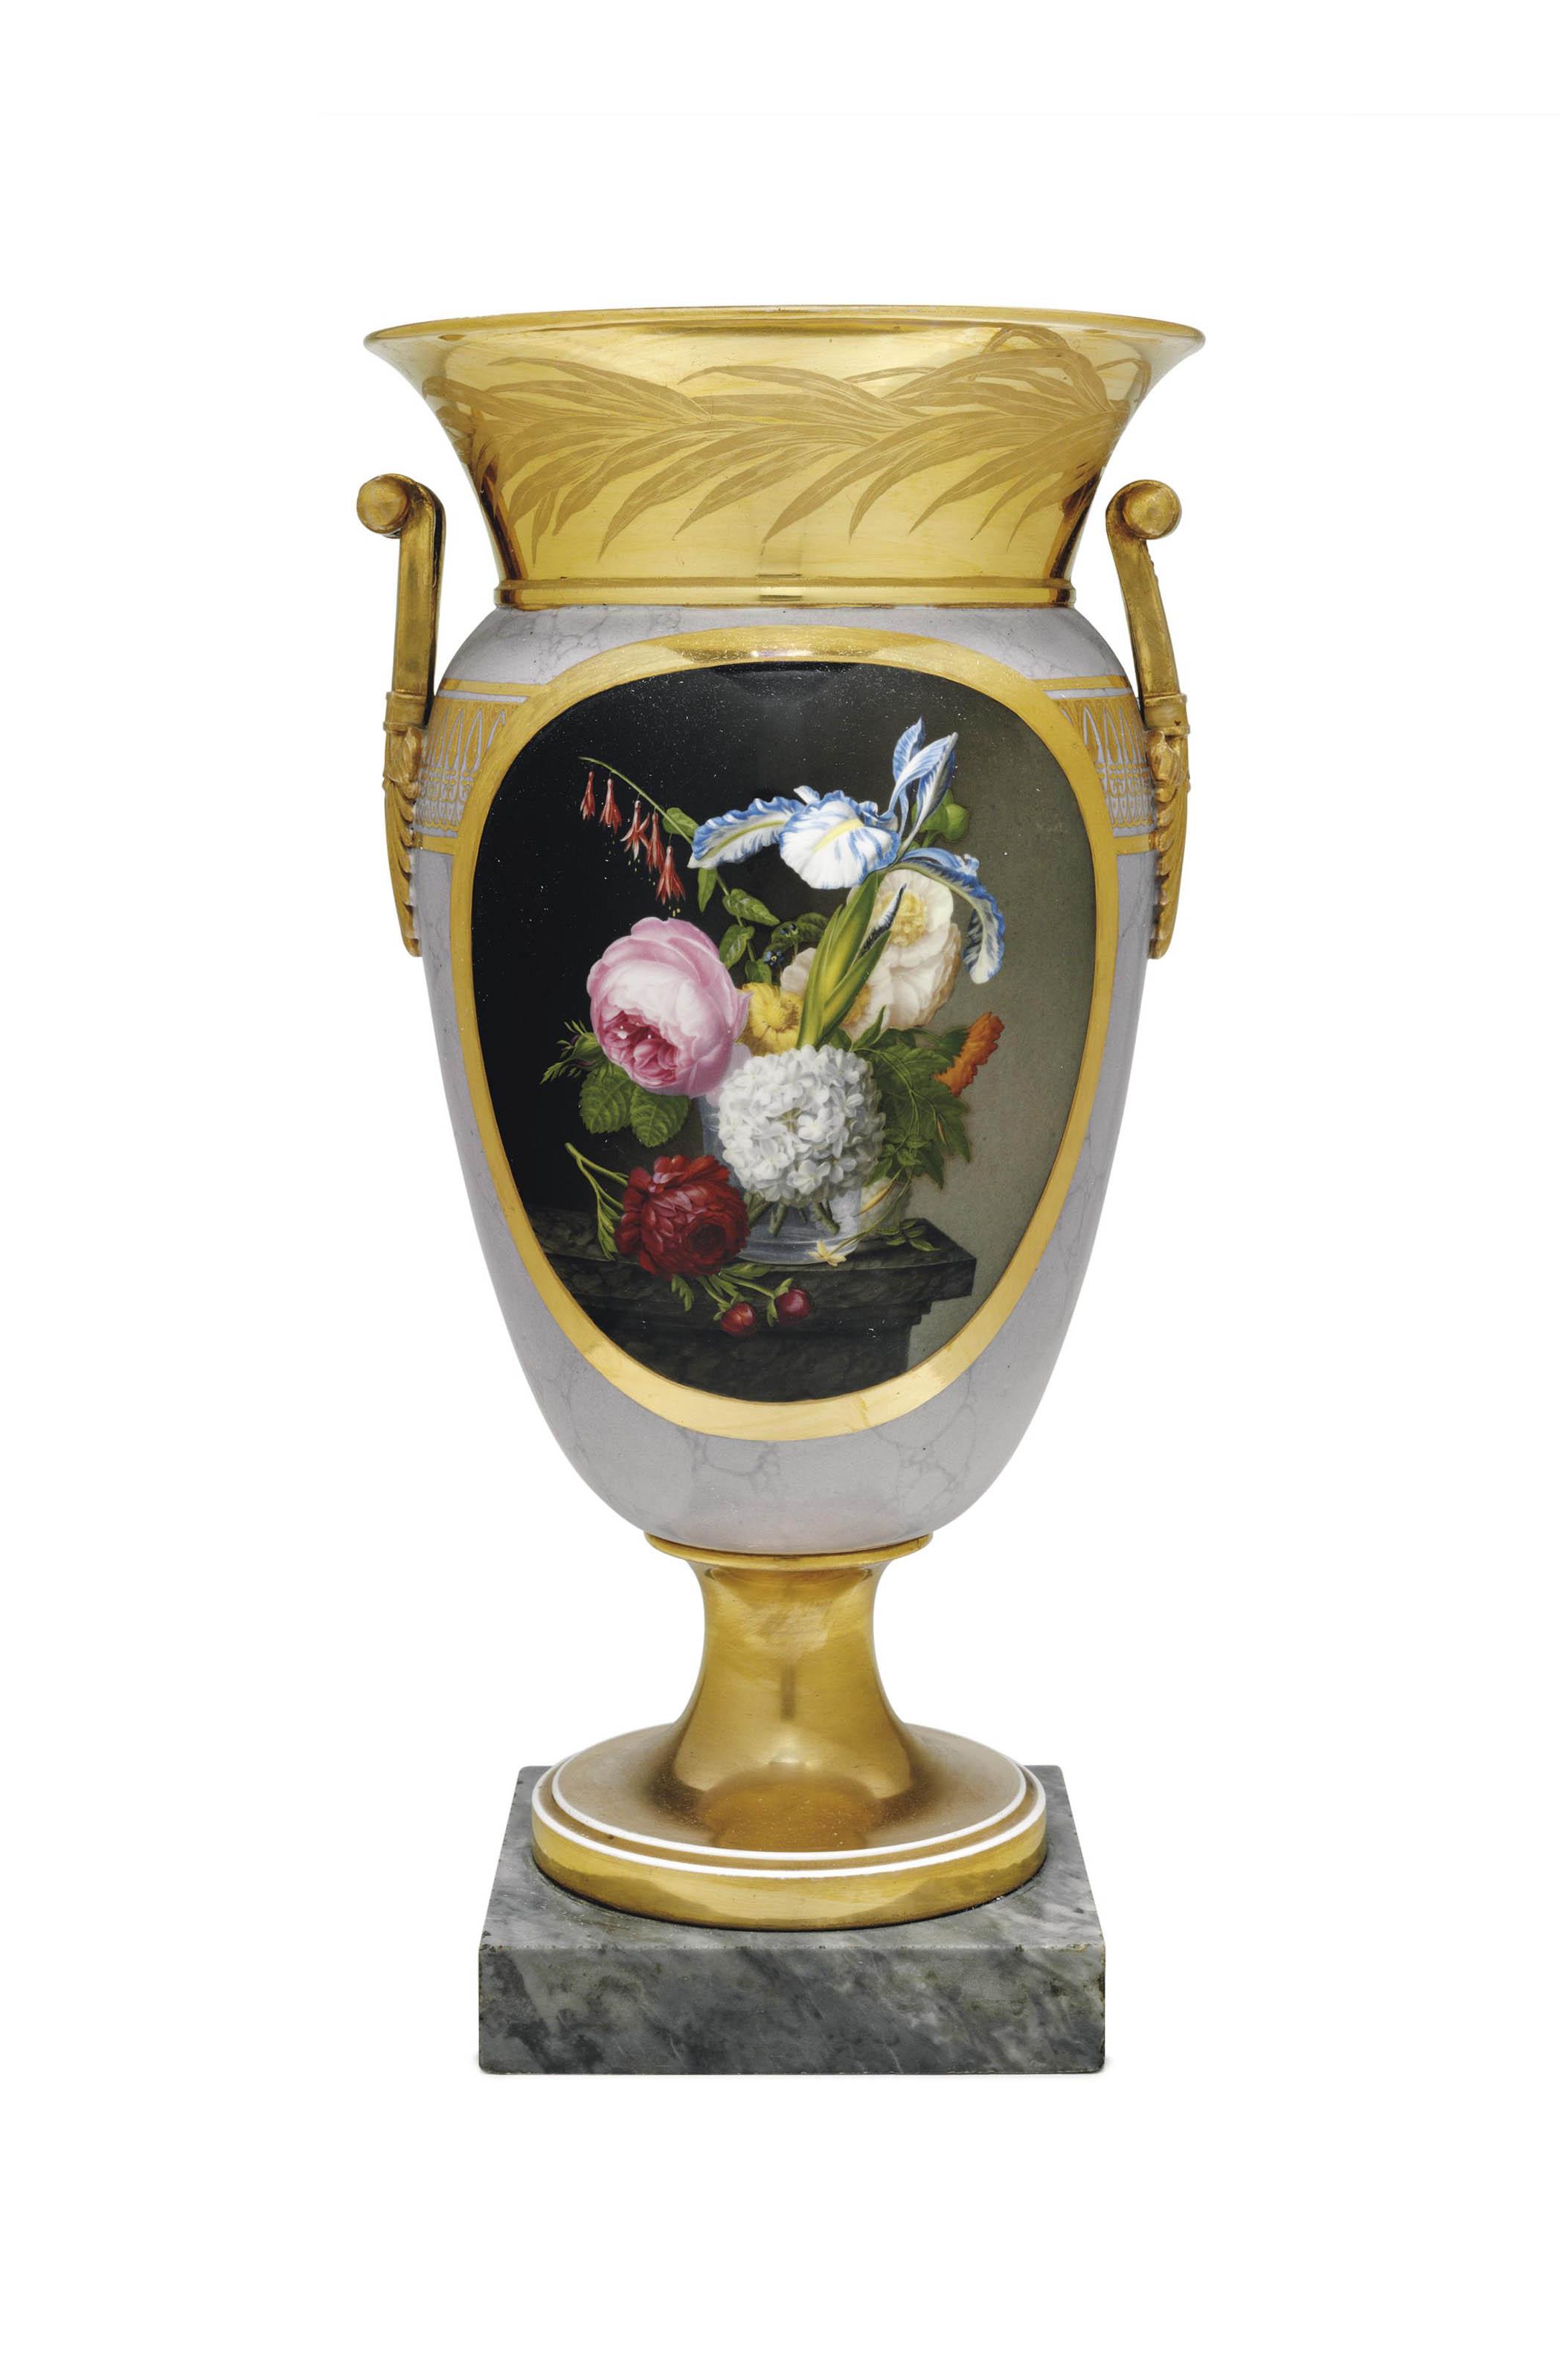 A PARIS (DAGOTY) PORCELAIN GOLD AND FAUX-LAVENDER MARBLE GROUND VASE